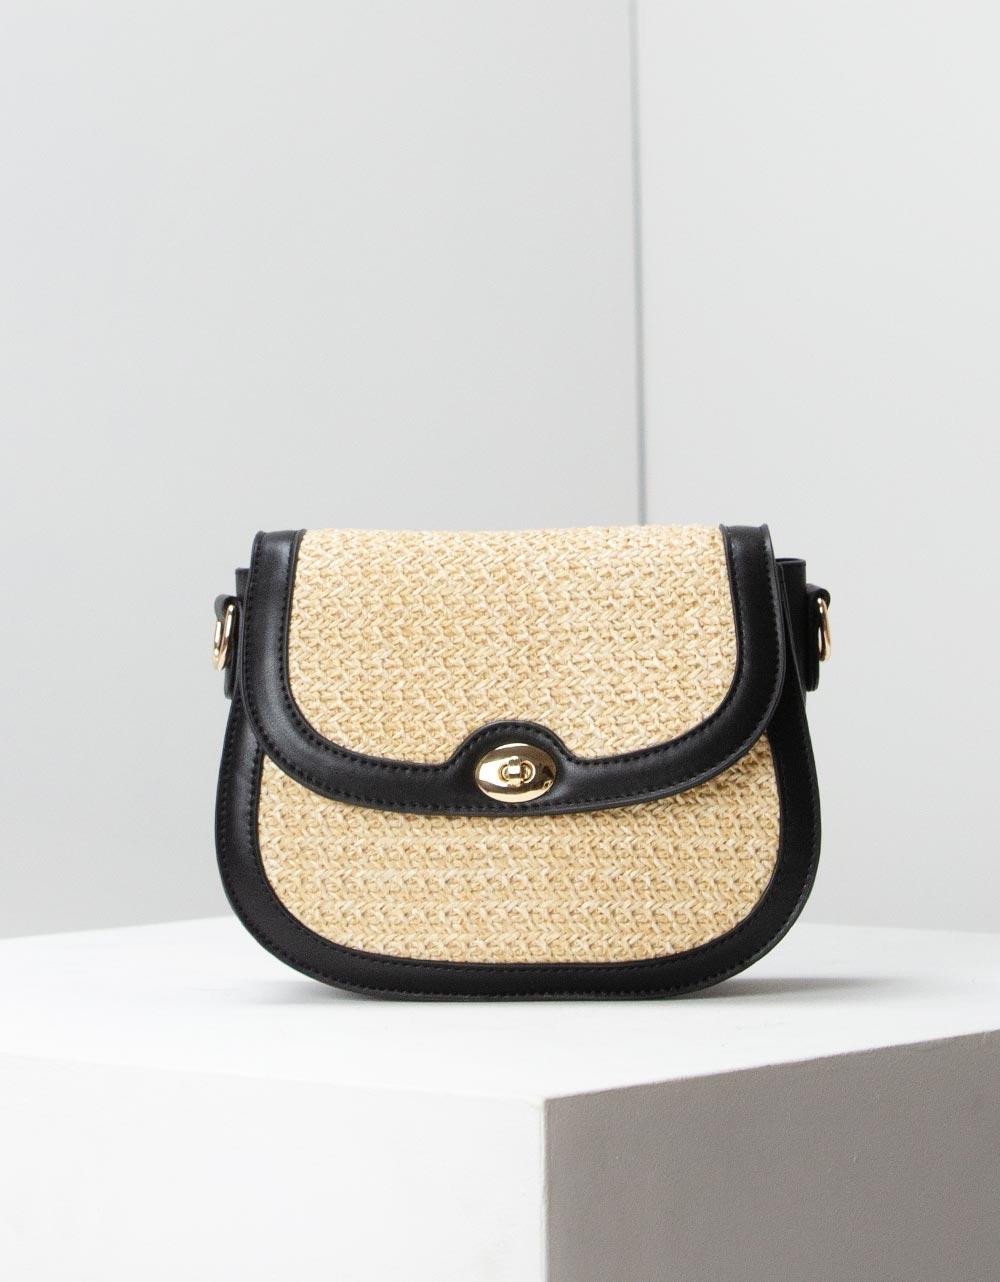 Εικόνα από Γυναικεία τσάντα ώμου με ψάθινη λεπτομέρεια Μπεζ/Μαύρο